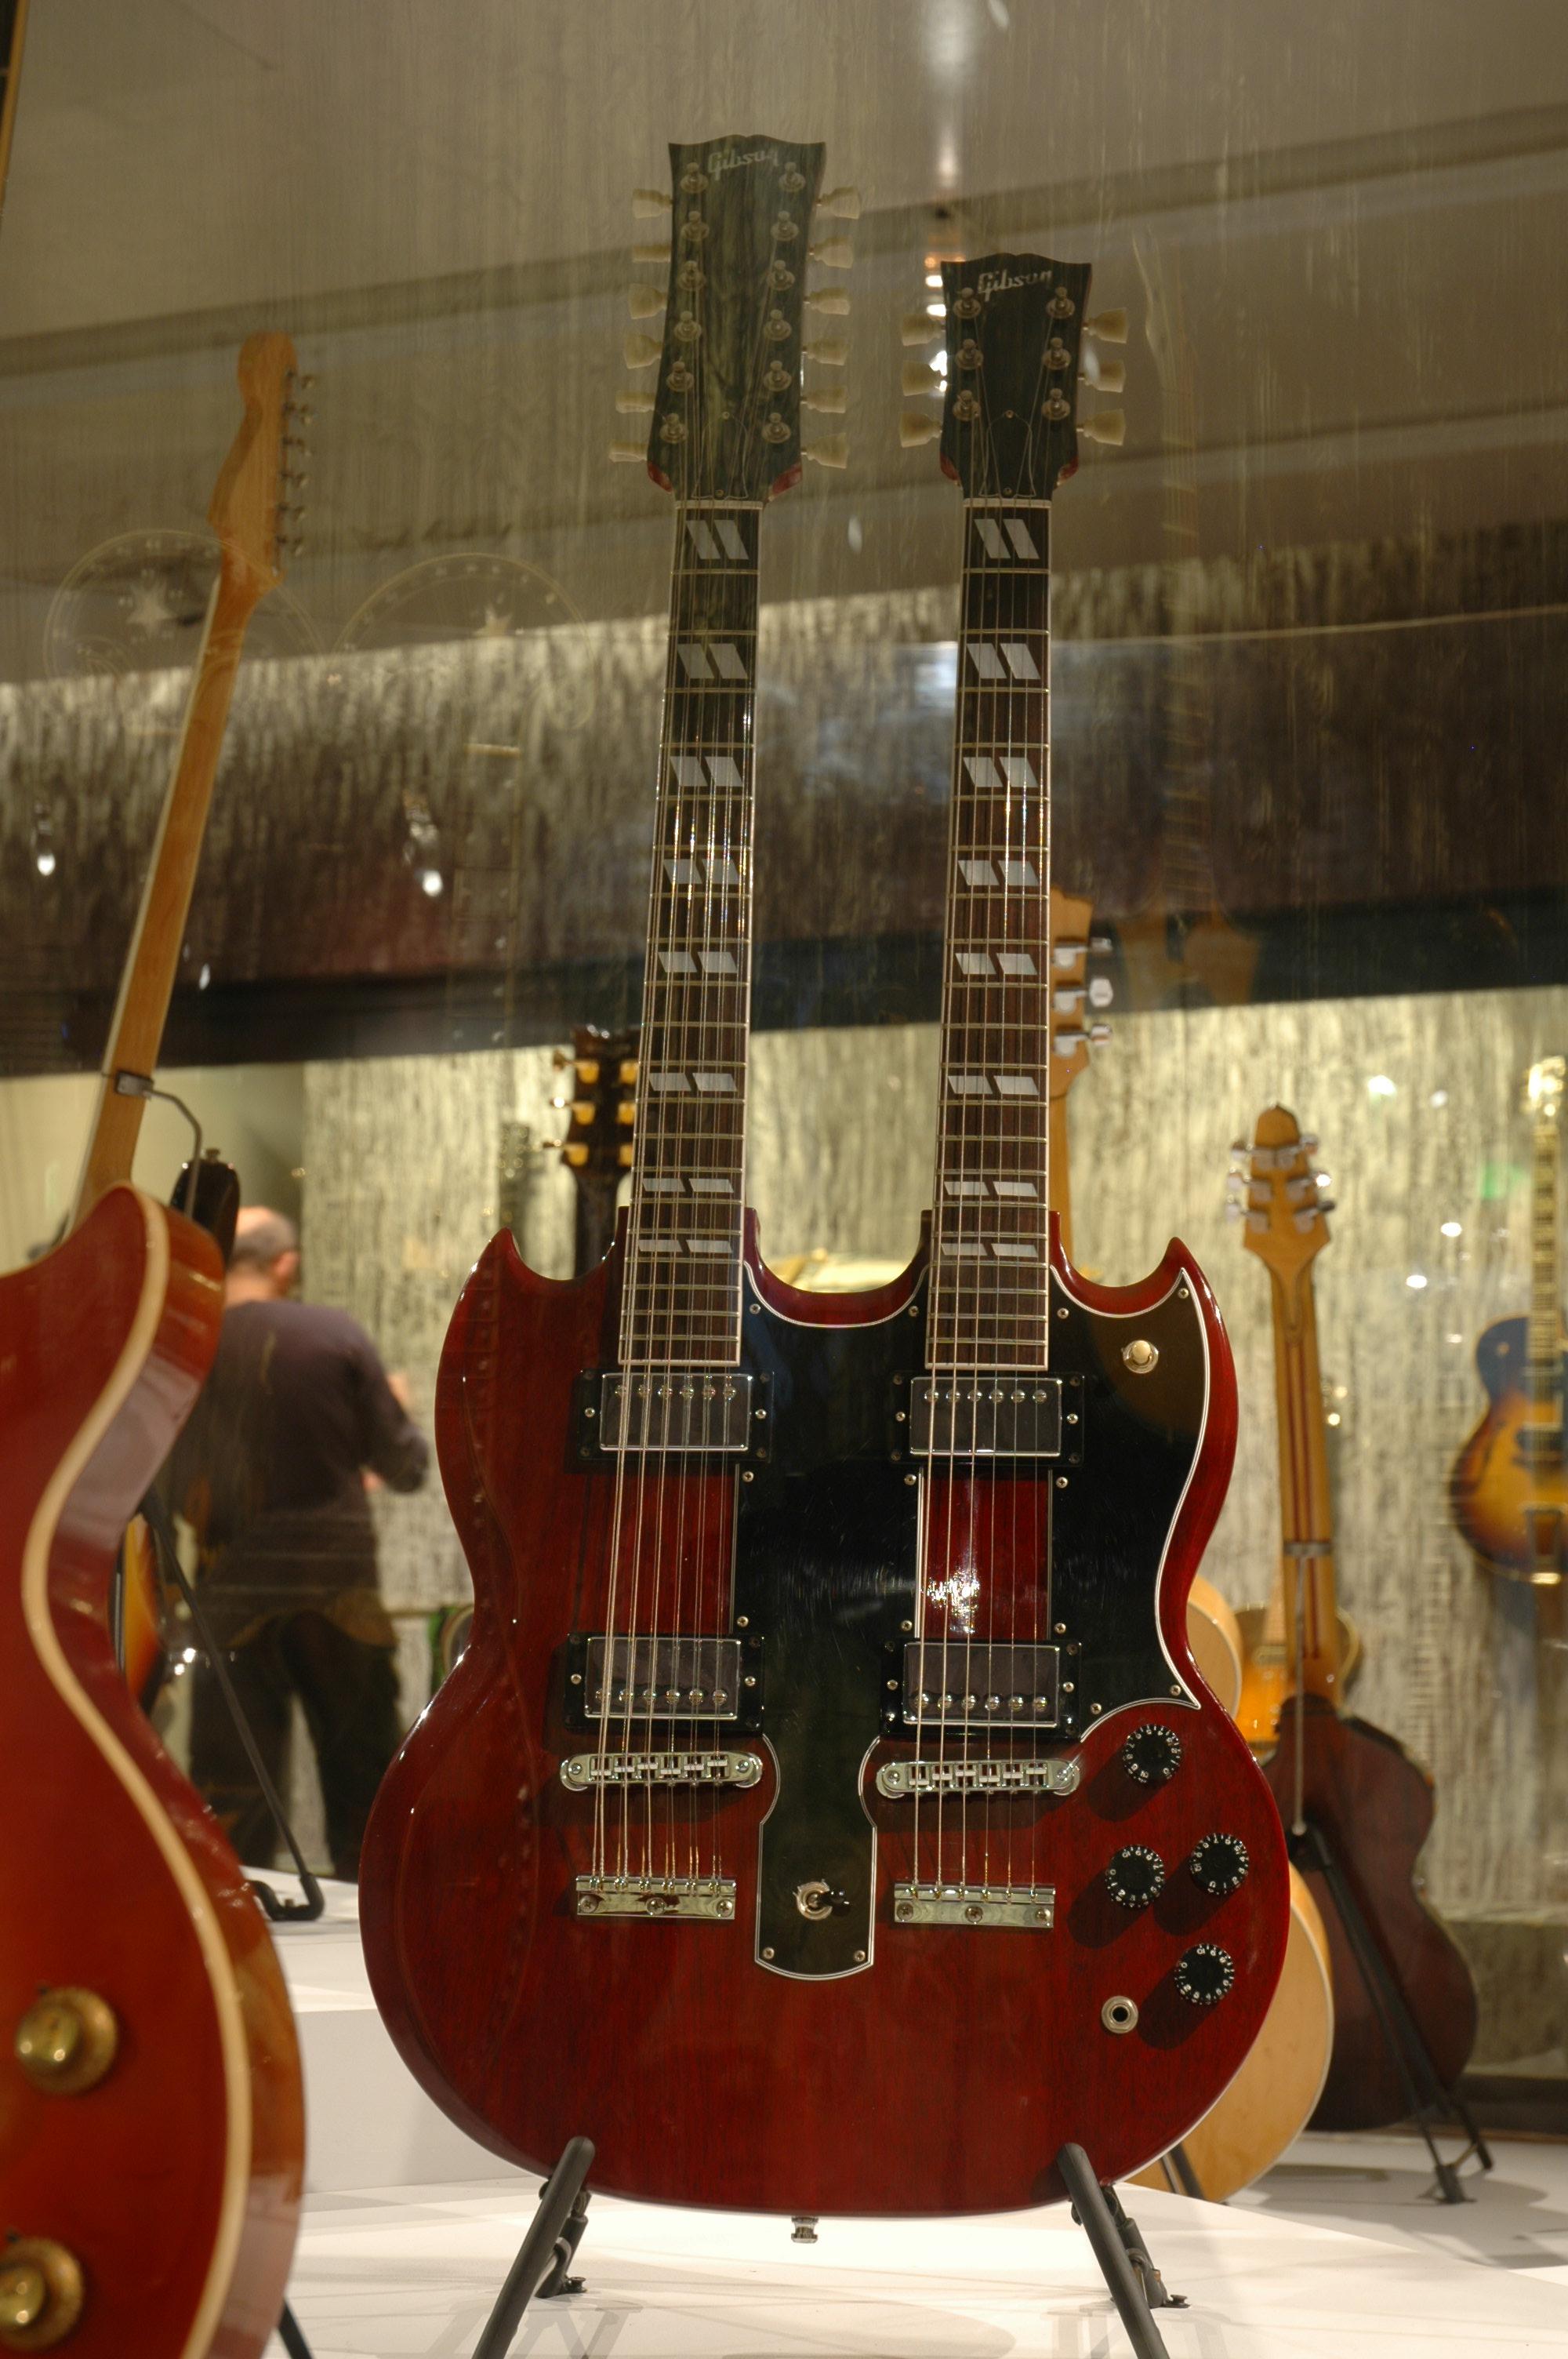 Guitare de Jimmy Page, Modèle EDS-1275, prototype à double manche Gibson, Kalamazoo ou Nashville, Etats-Unis, Prêt de Jimmy Page